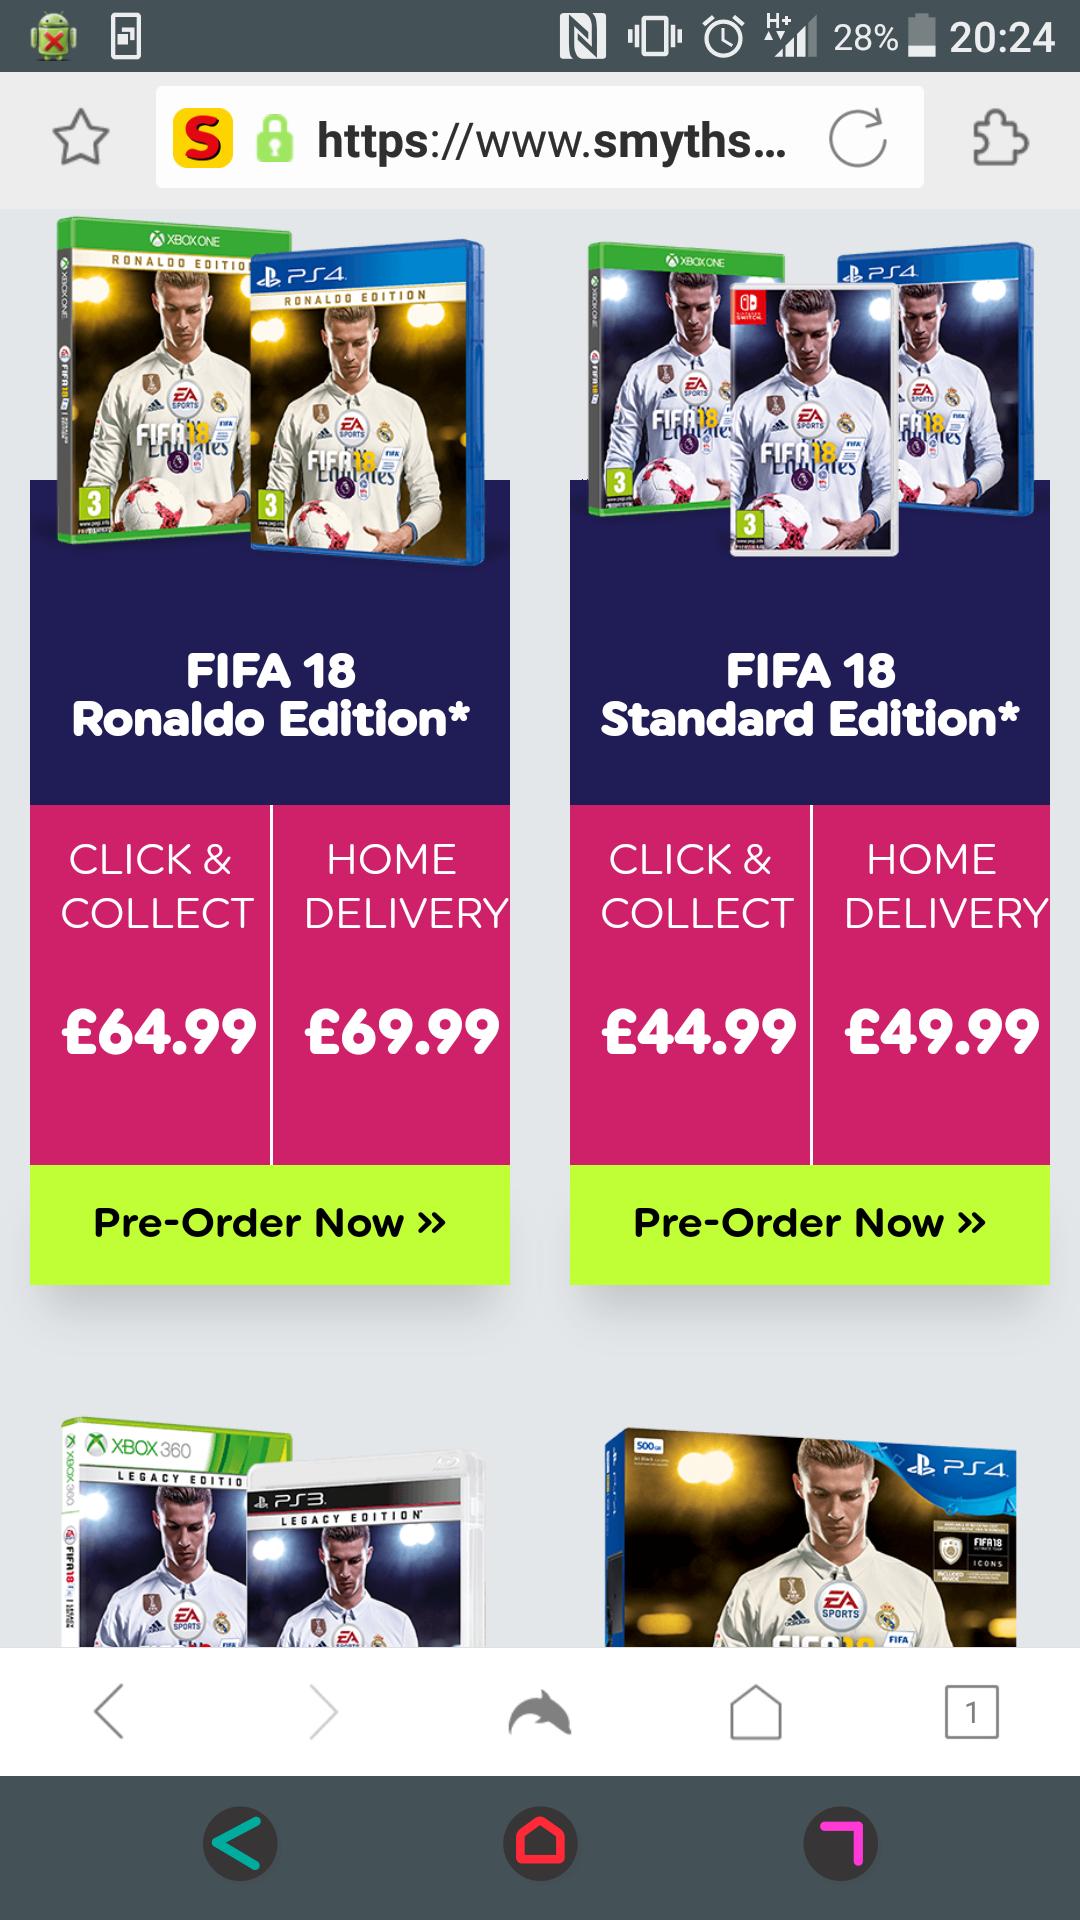 Fifa 18 pre-order - £44.99 instore @ Smyths